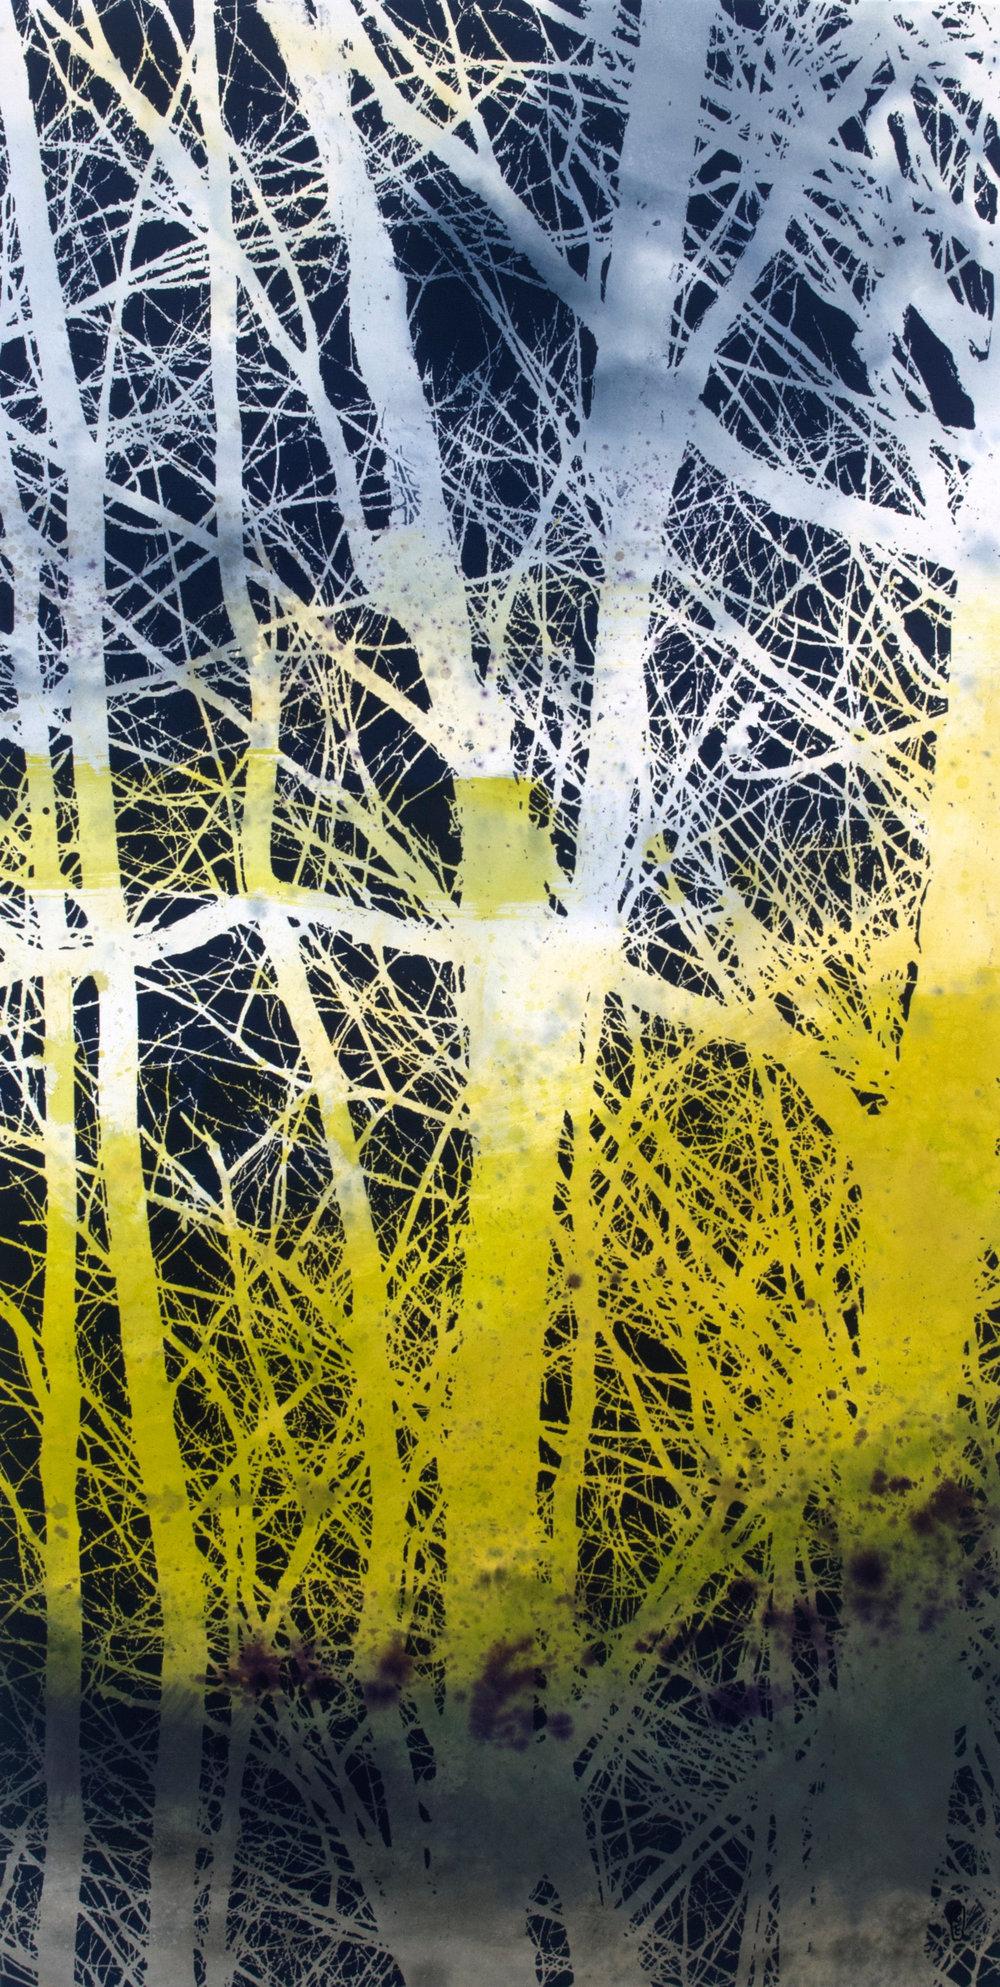 Réseau no 1  Techniques mixtes sur toile  151 x 75 cm 2018